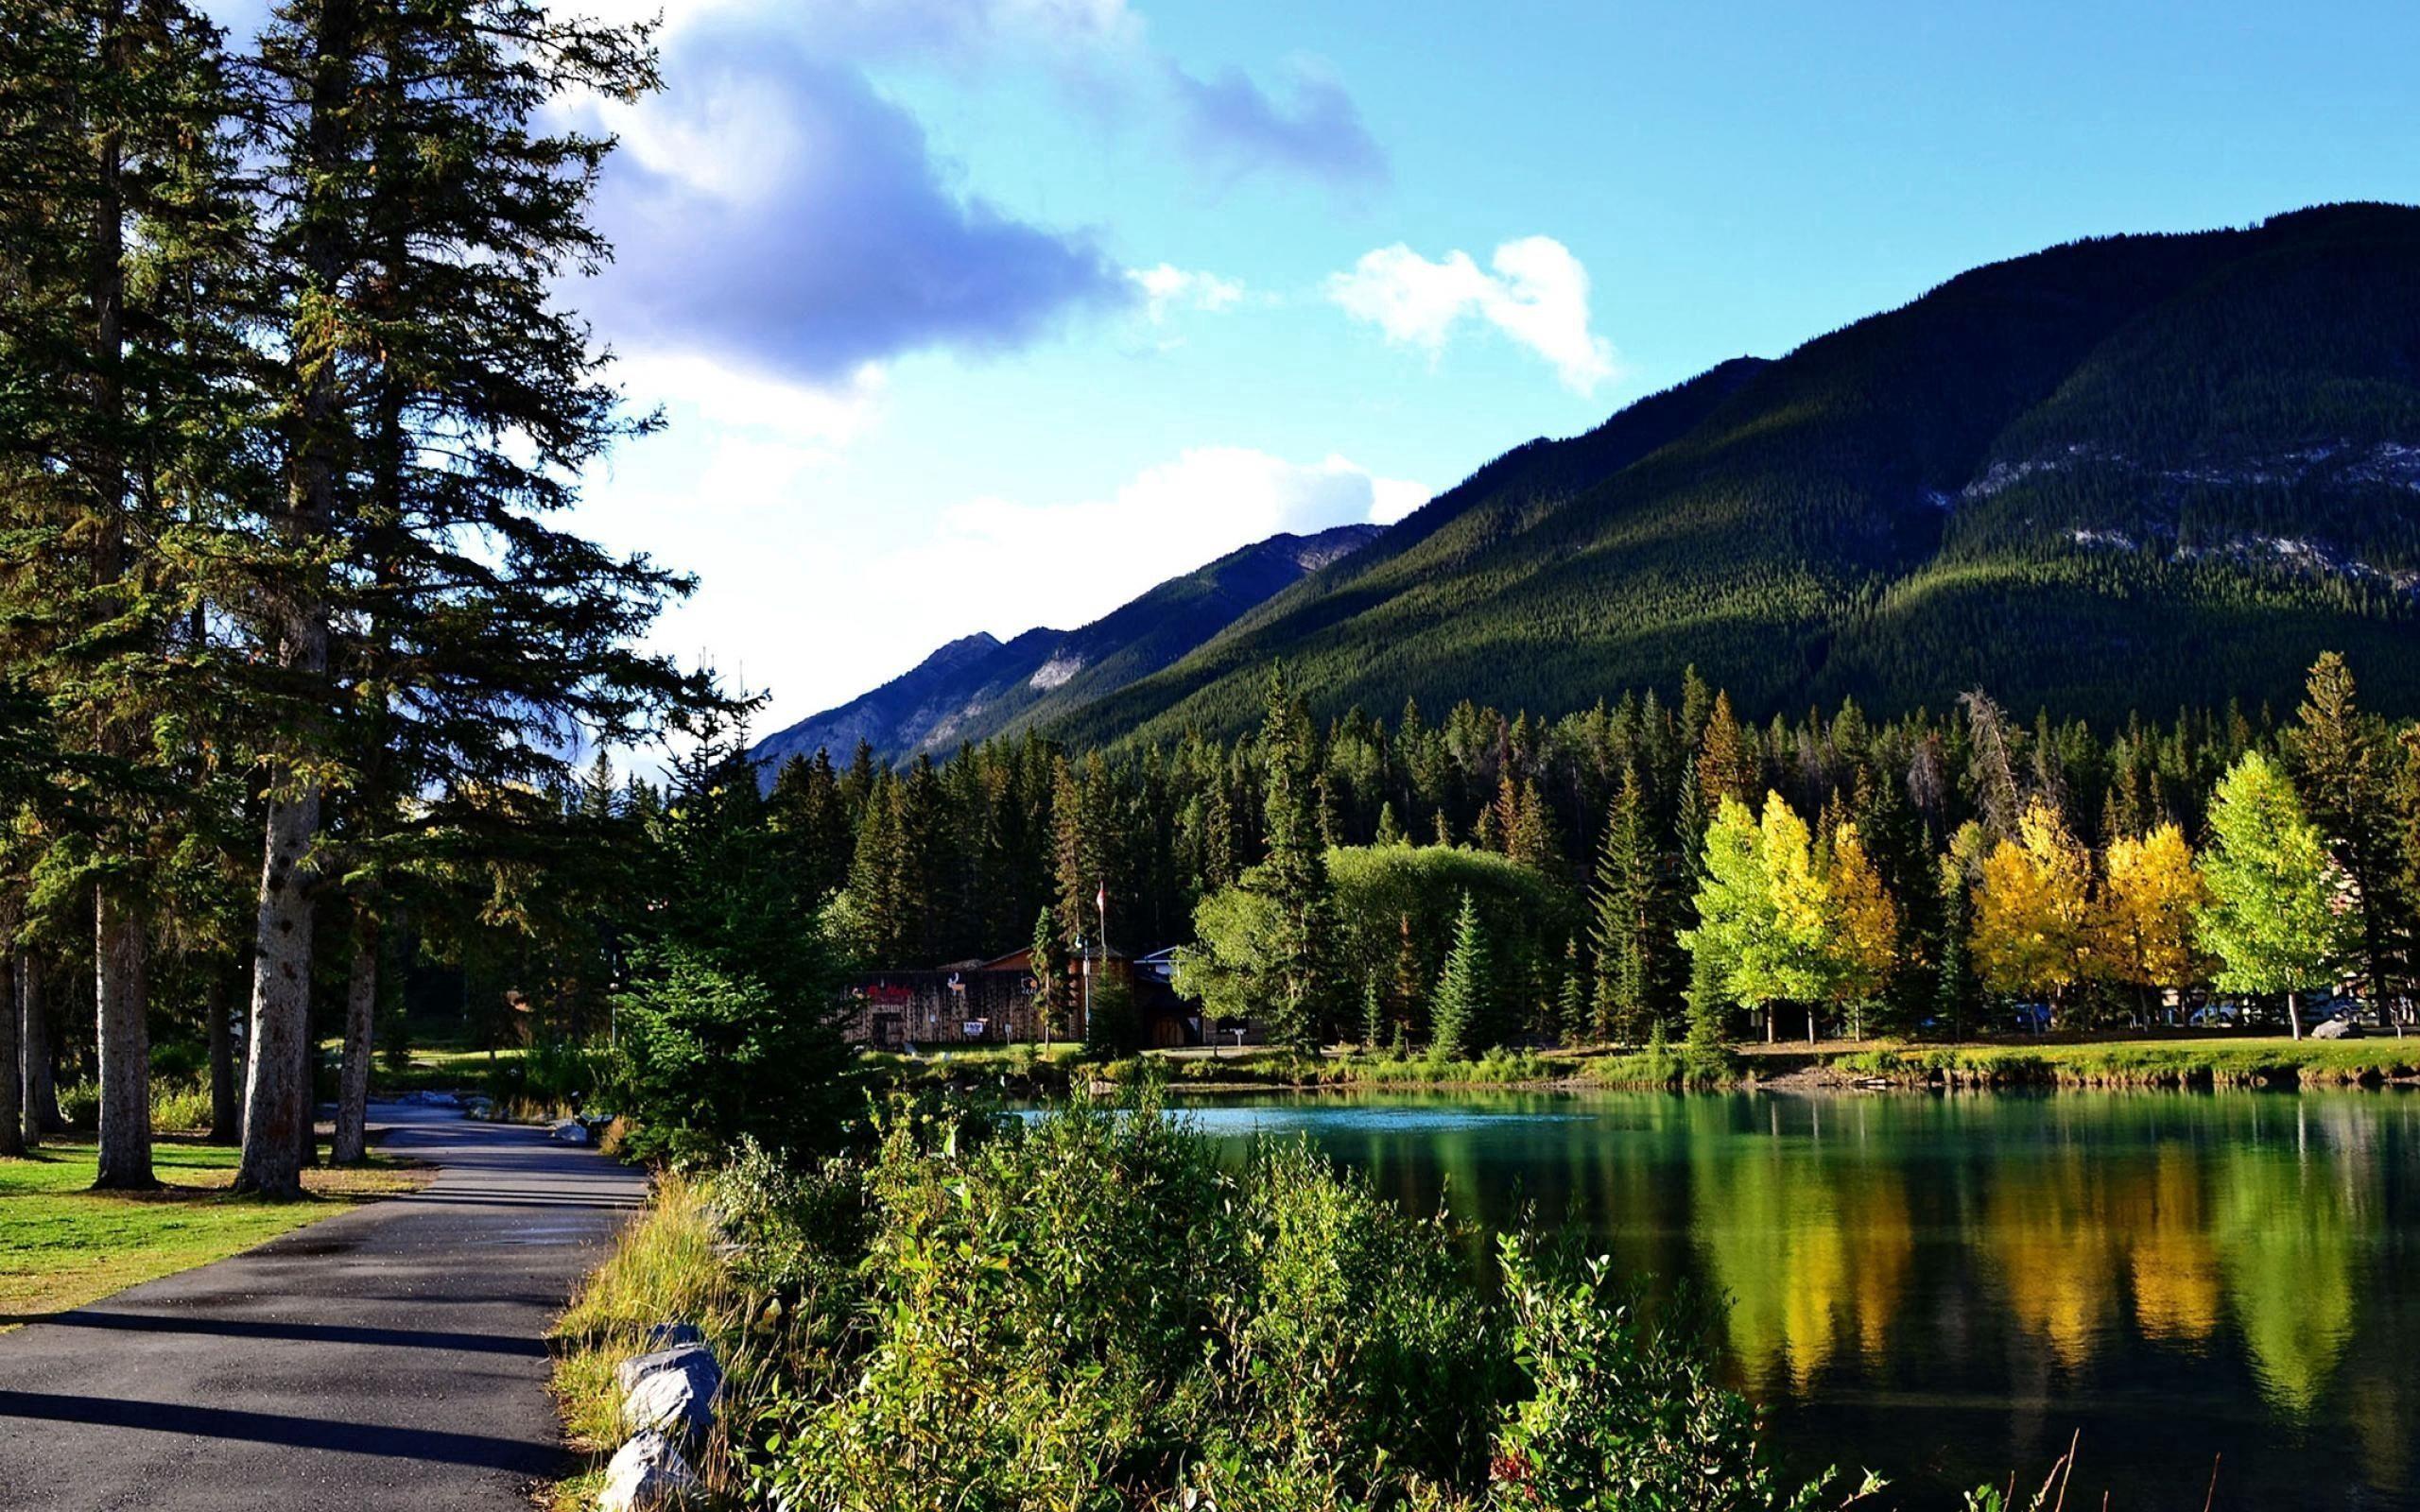 153425 fond d'écran 540x960 sur votre téléphone gratuitement, téléchargez des images Rivières, Nature, Canada, Parc National Banff, Du Canada 540x960 sur votre mobile